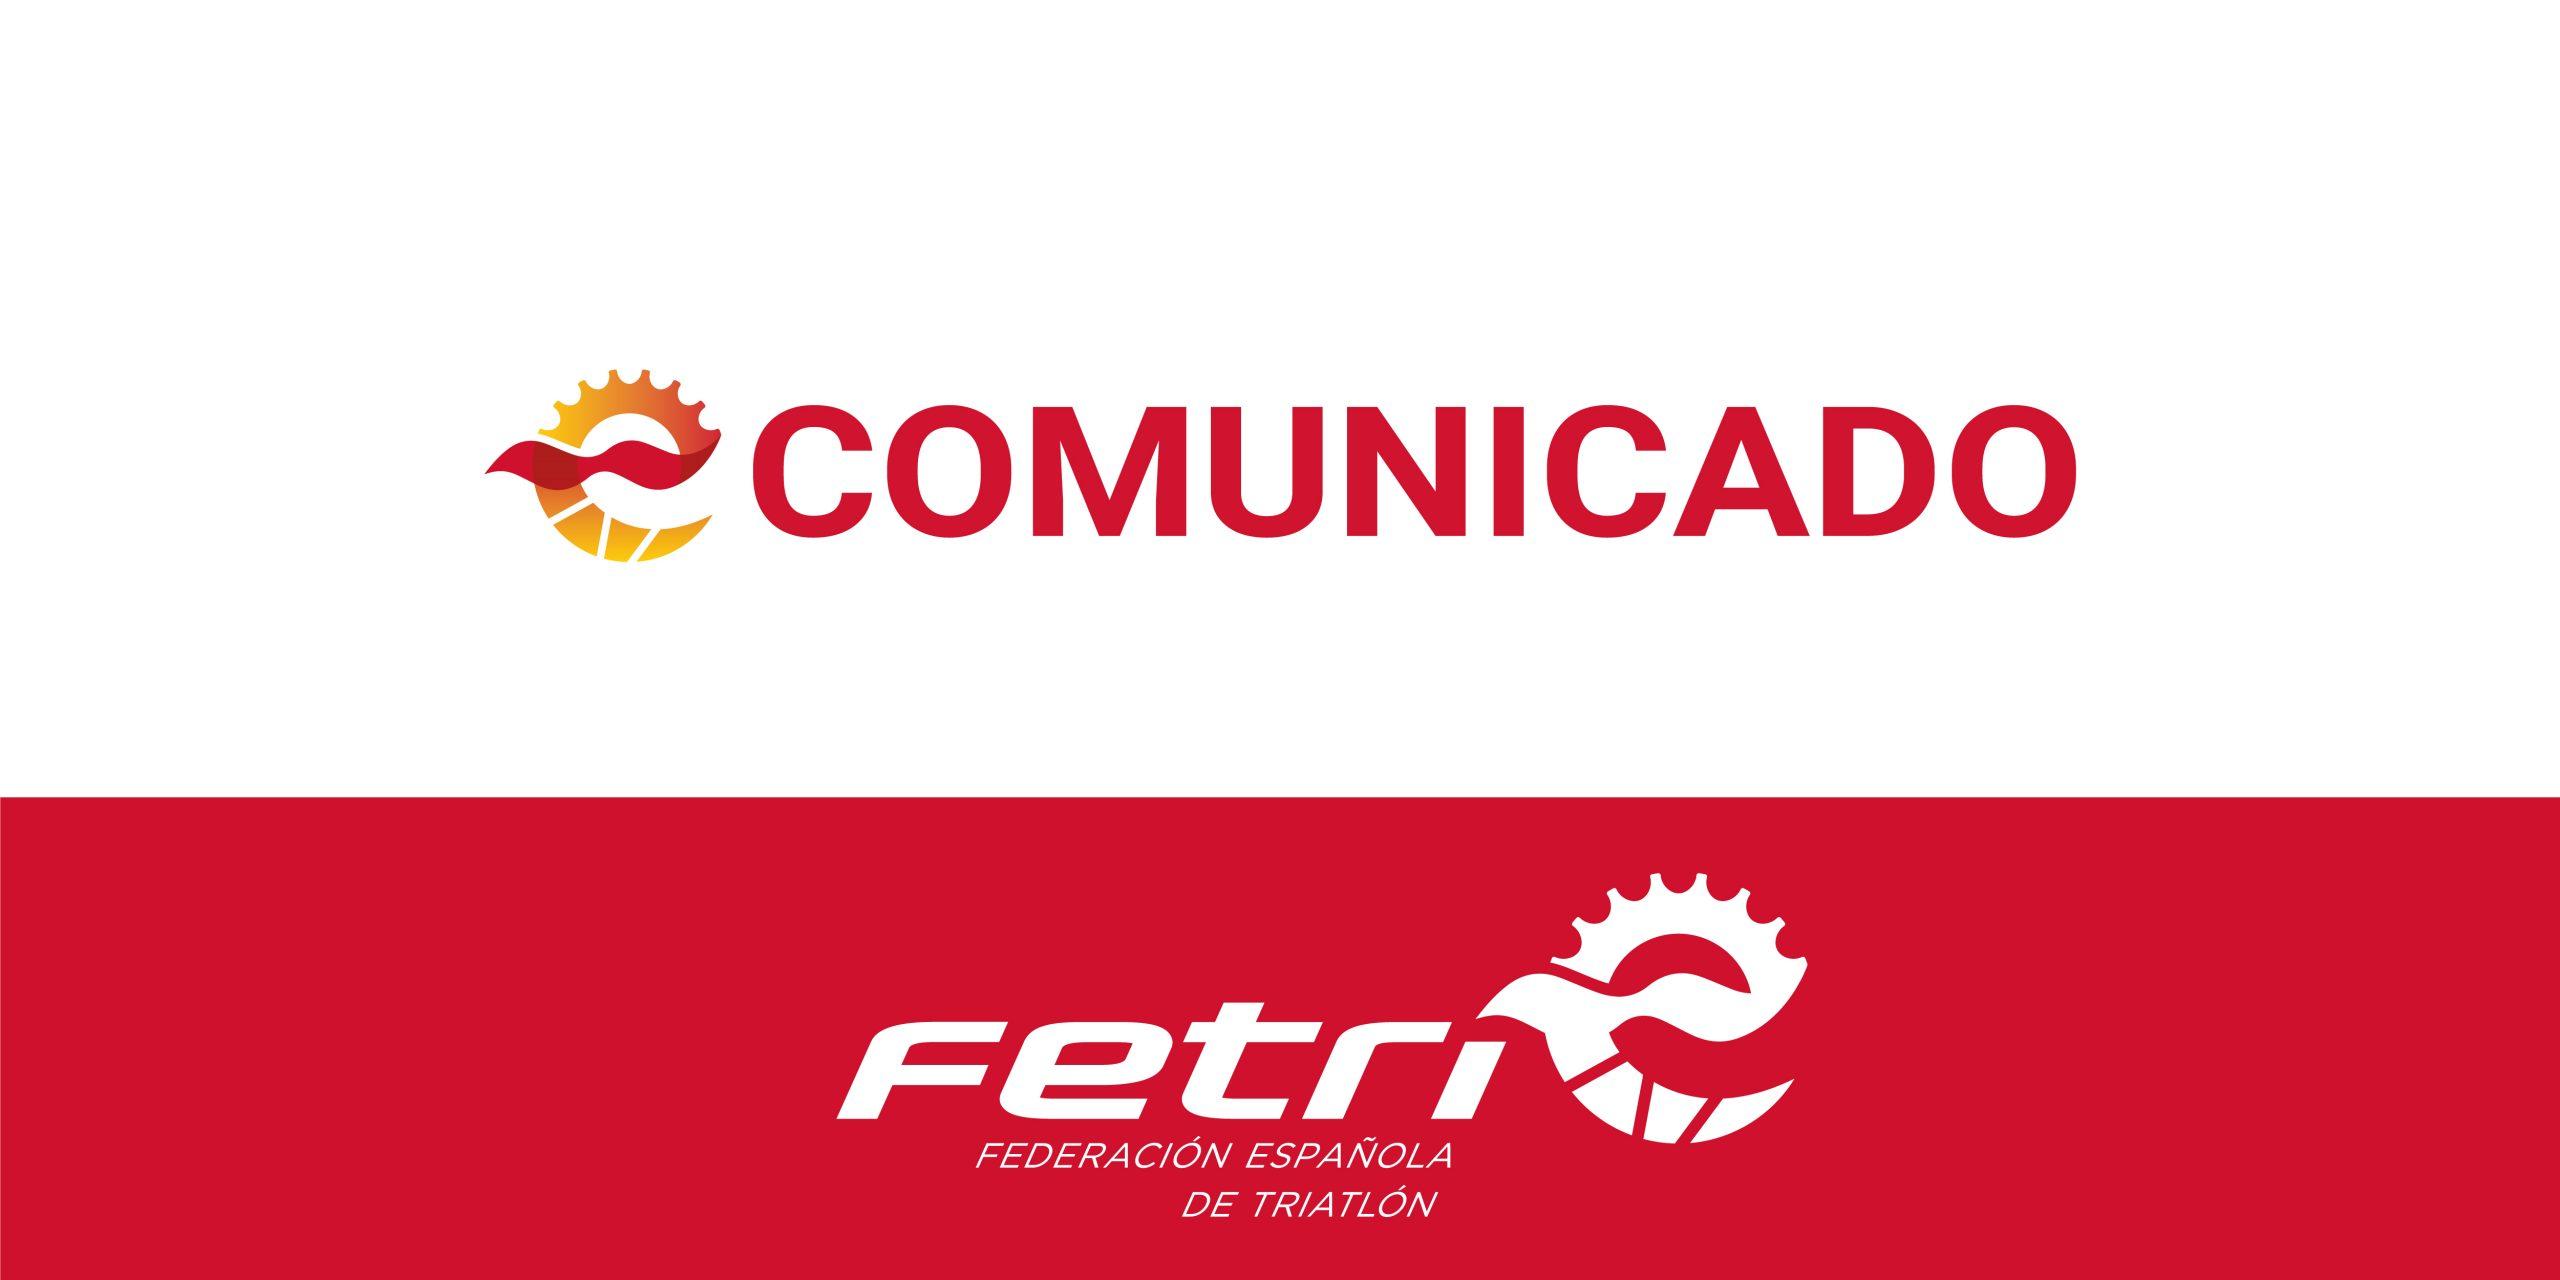 La FETRI condena la organización de pruebas al margen de sus protocolos de seguridad amparados en las autoridades sanitarias